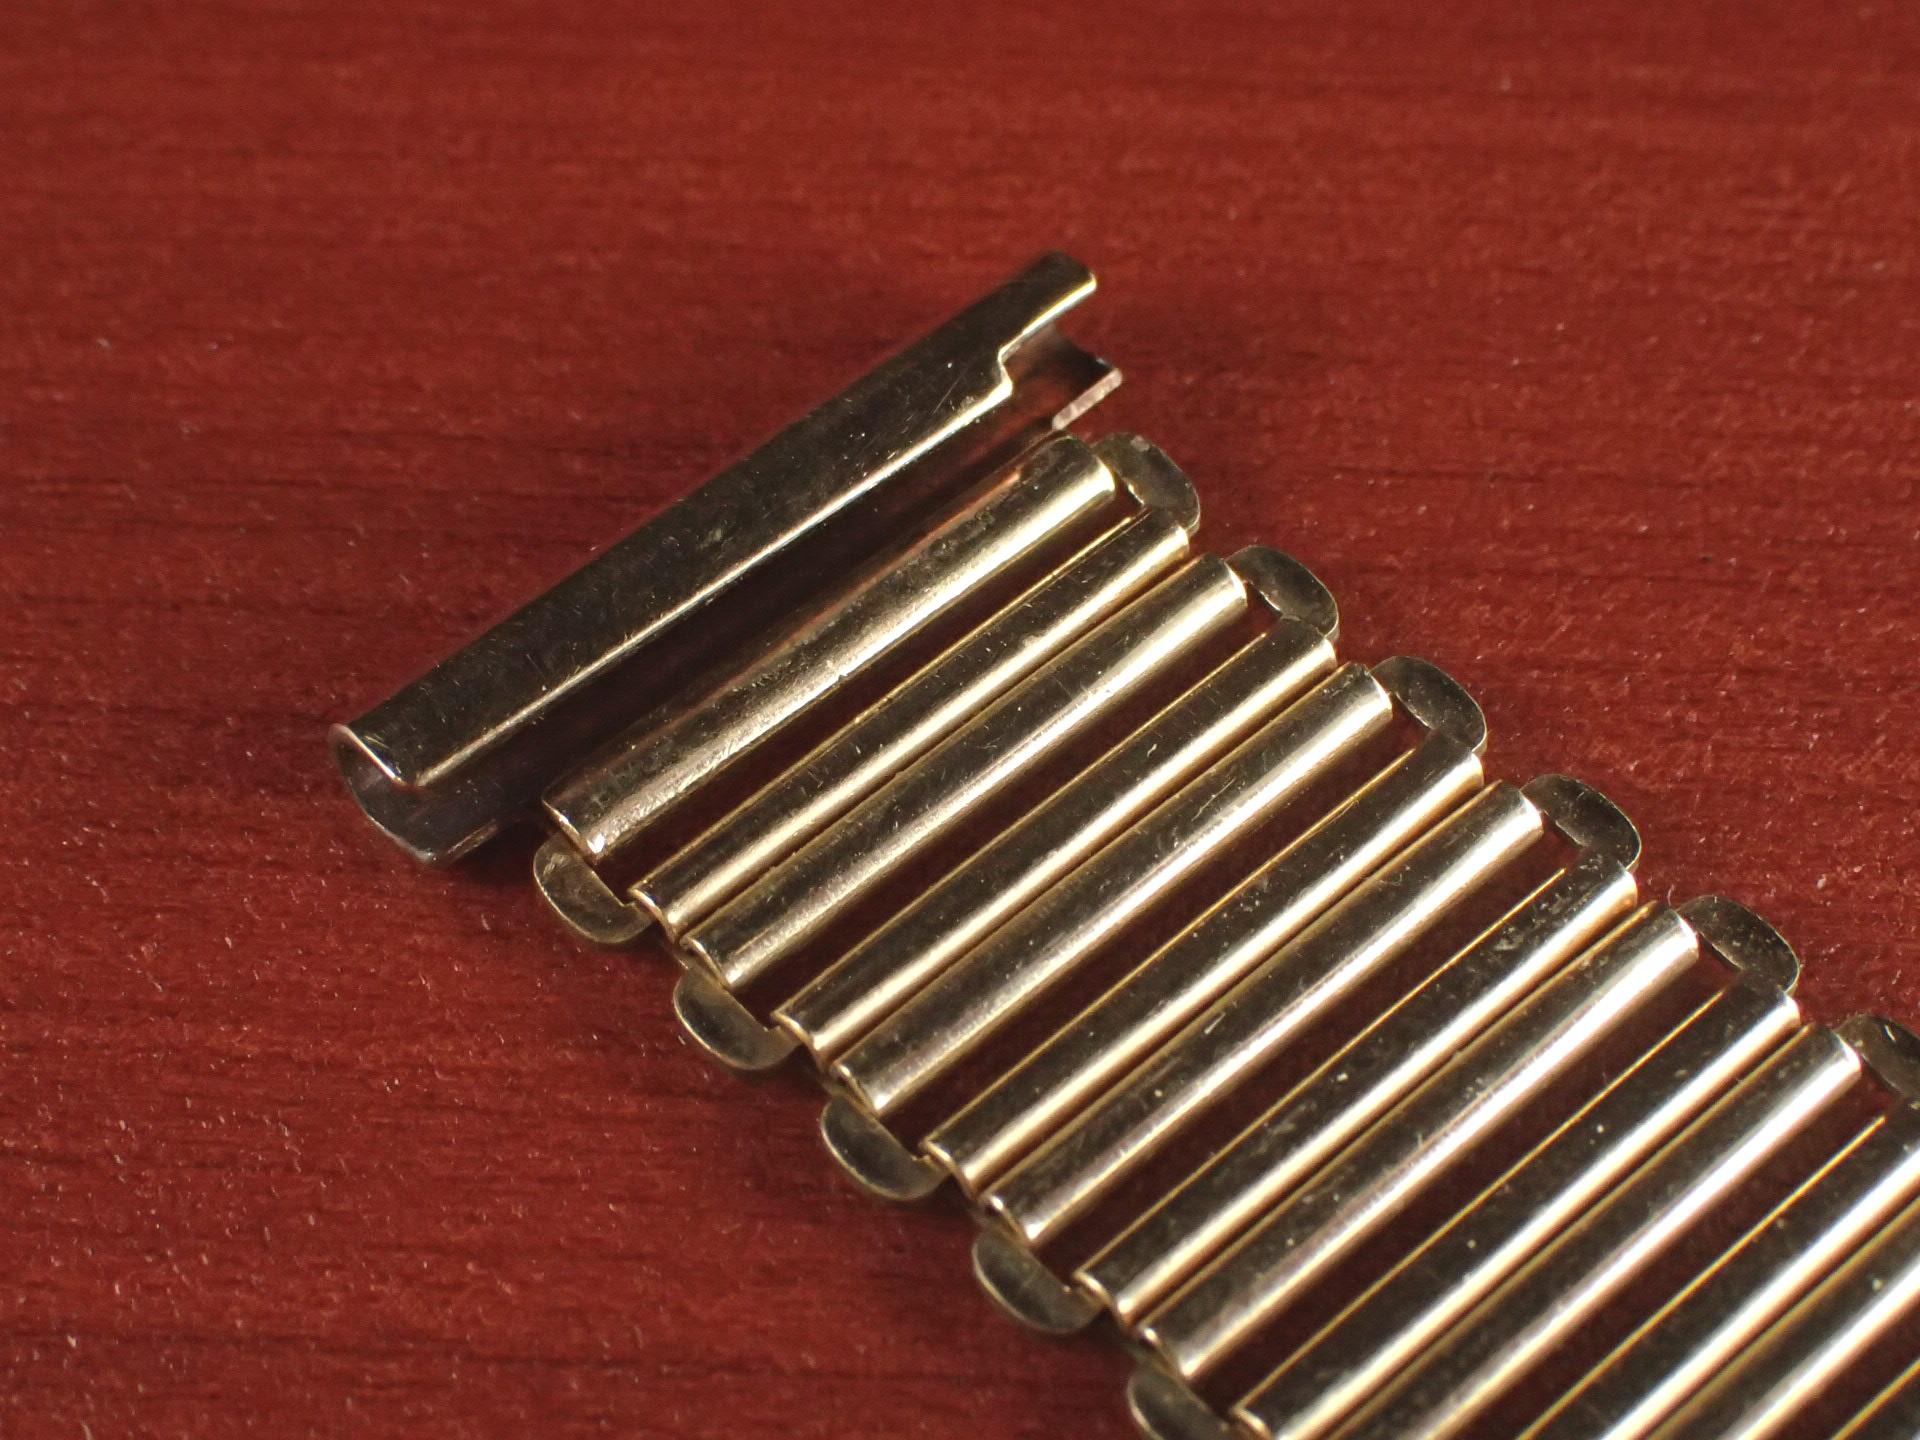 ボンクリップ バンブーブレス NOS リンク16mm 取付18mm YGF 1940年代の写真5枚目